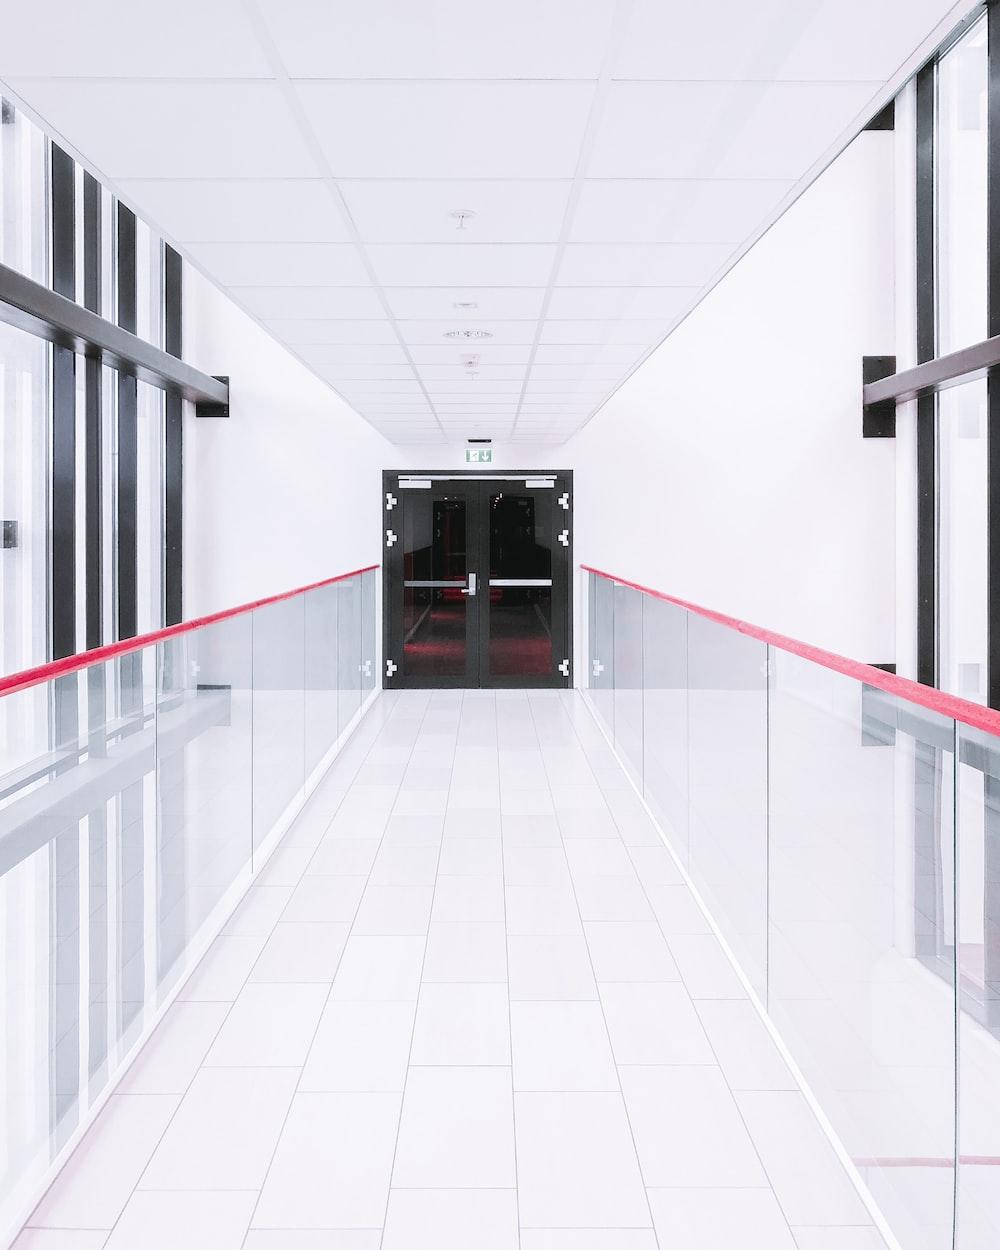 empty hallway in front of closed door